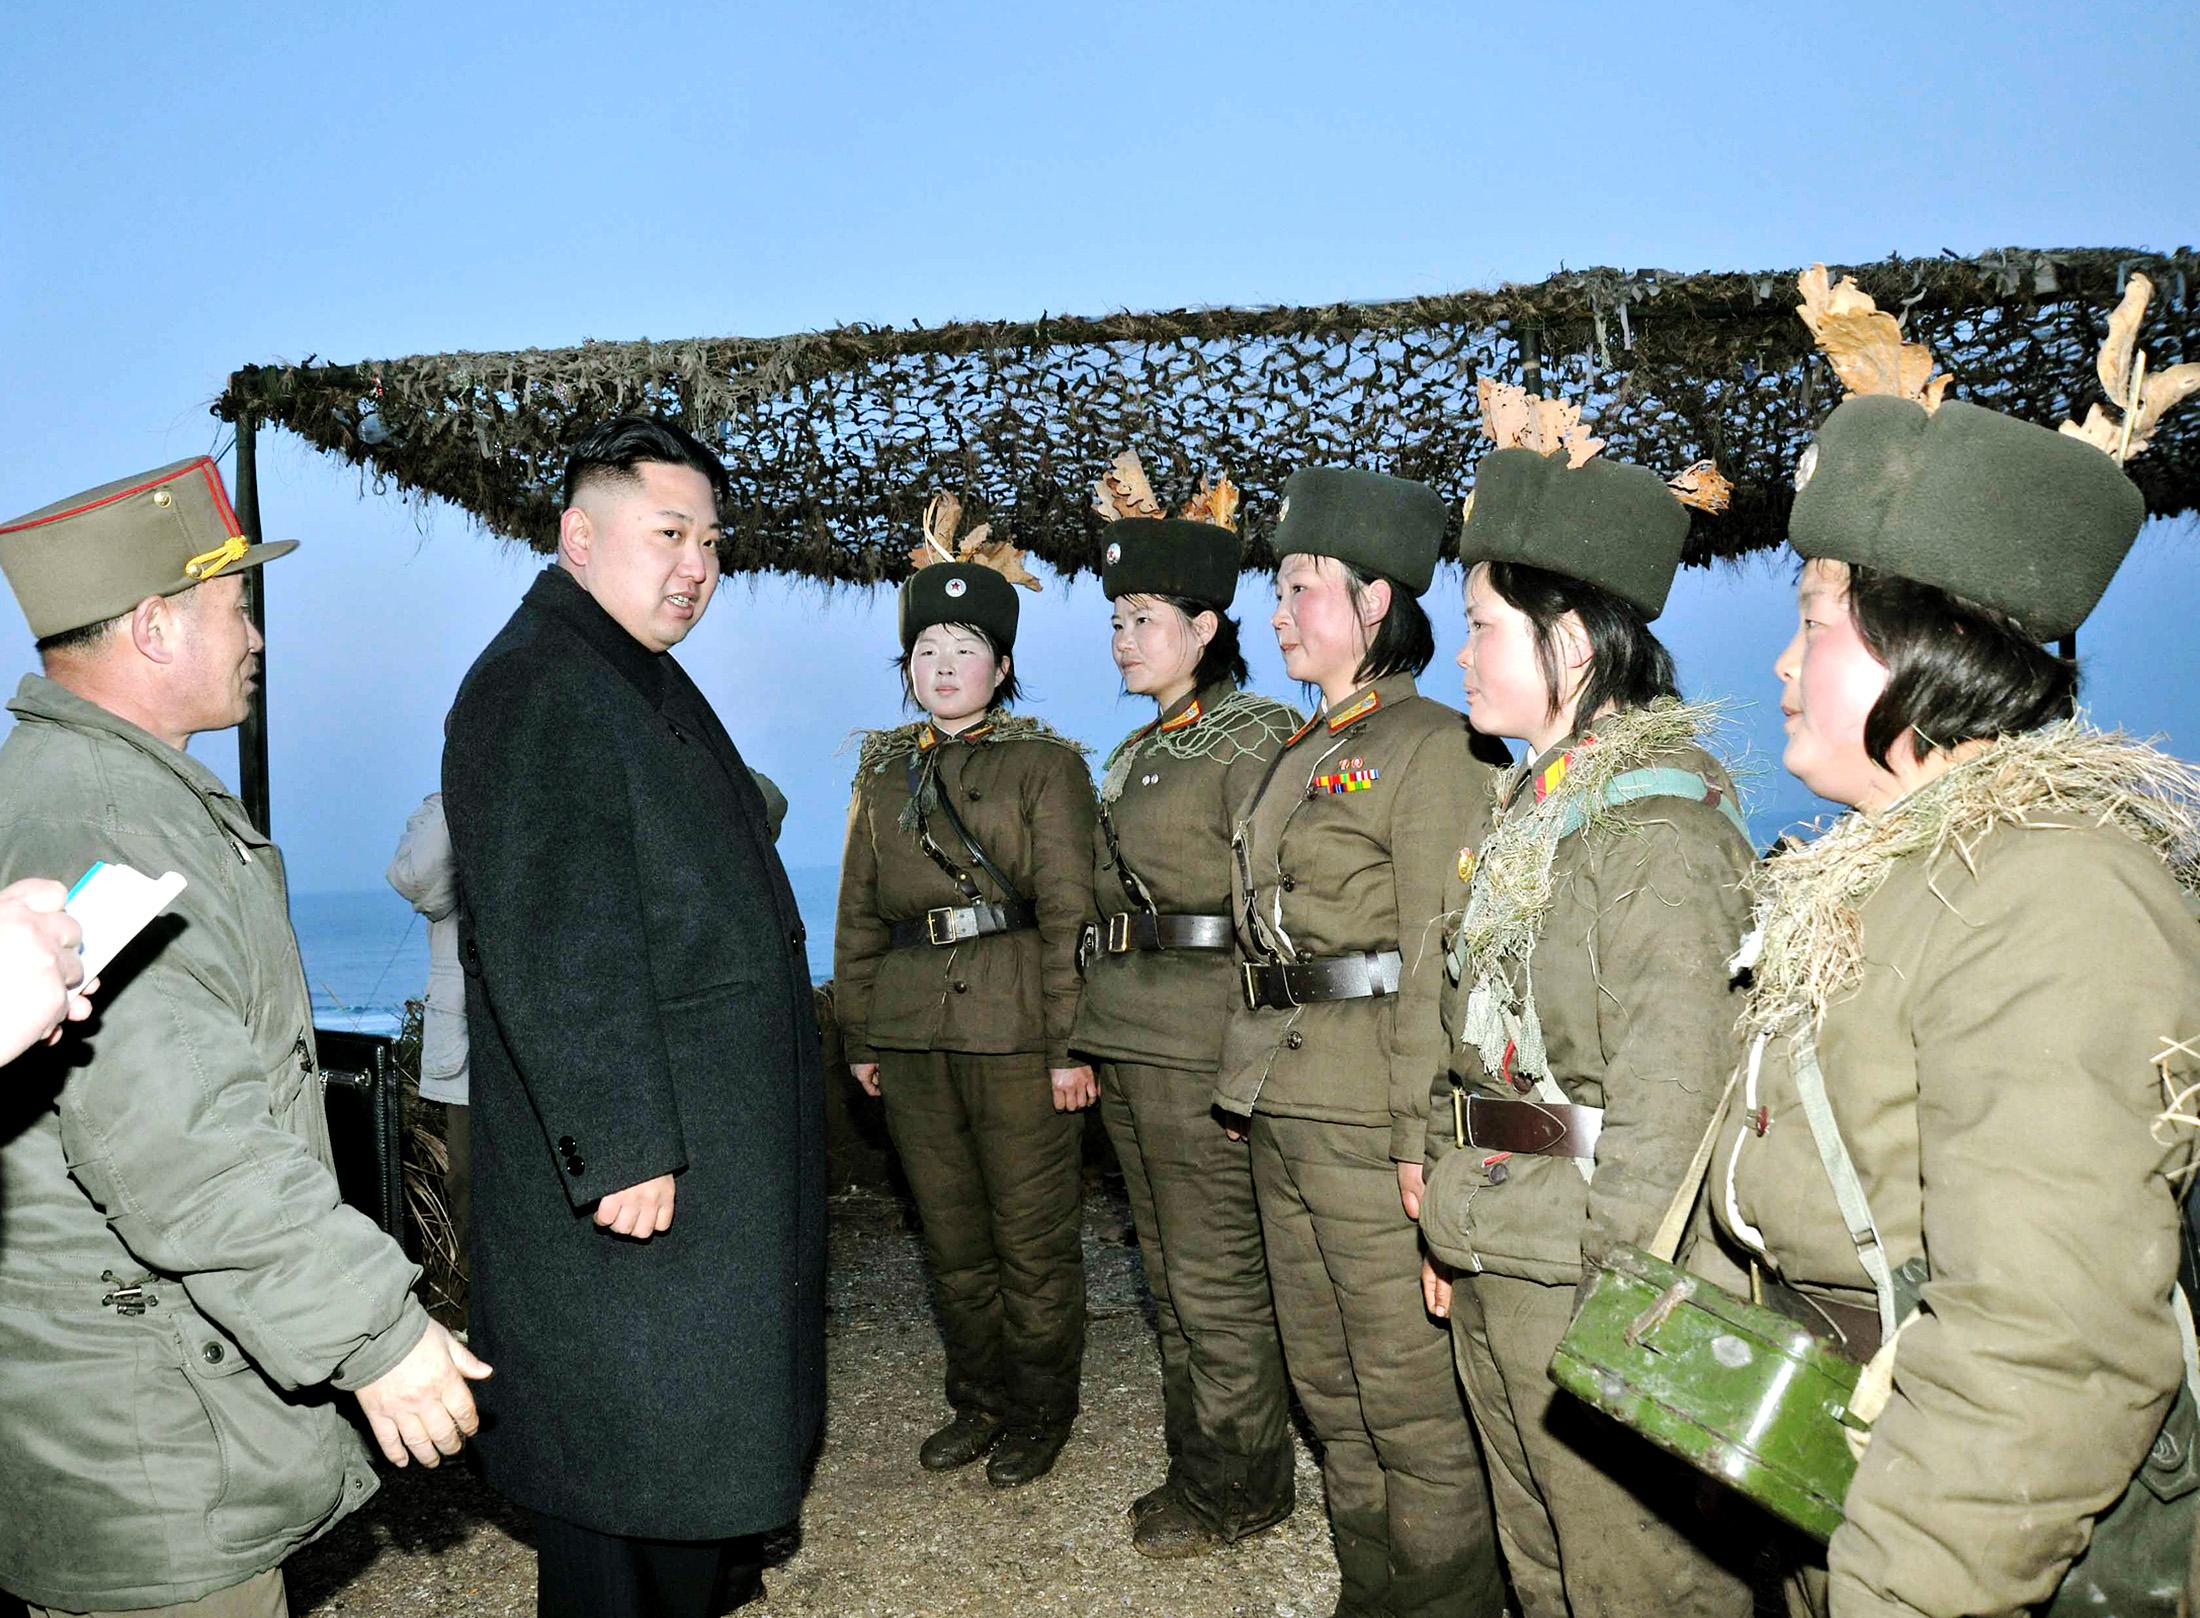 تدريب نصف مليون امرأة في كوريا الشمالية.. والسبب